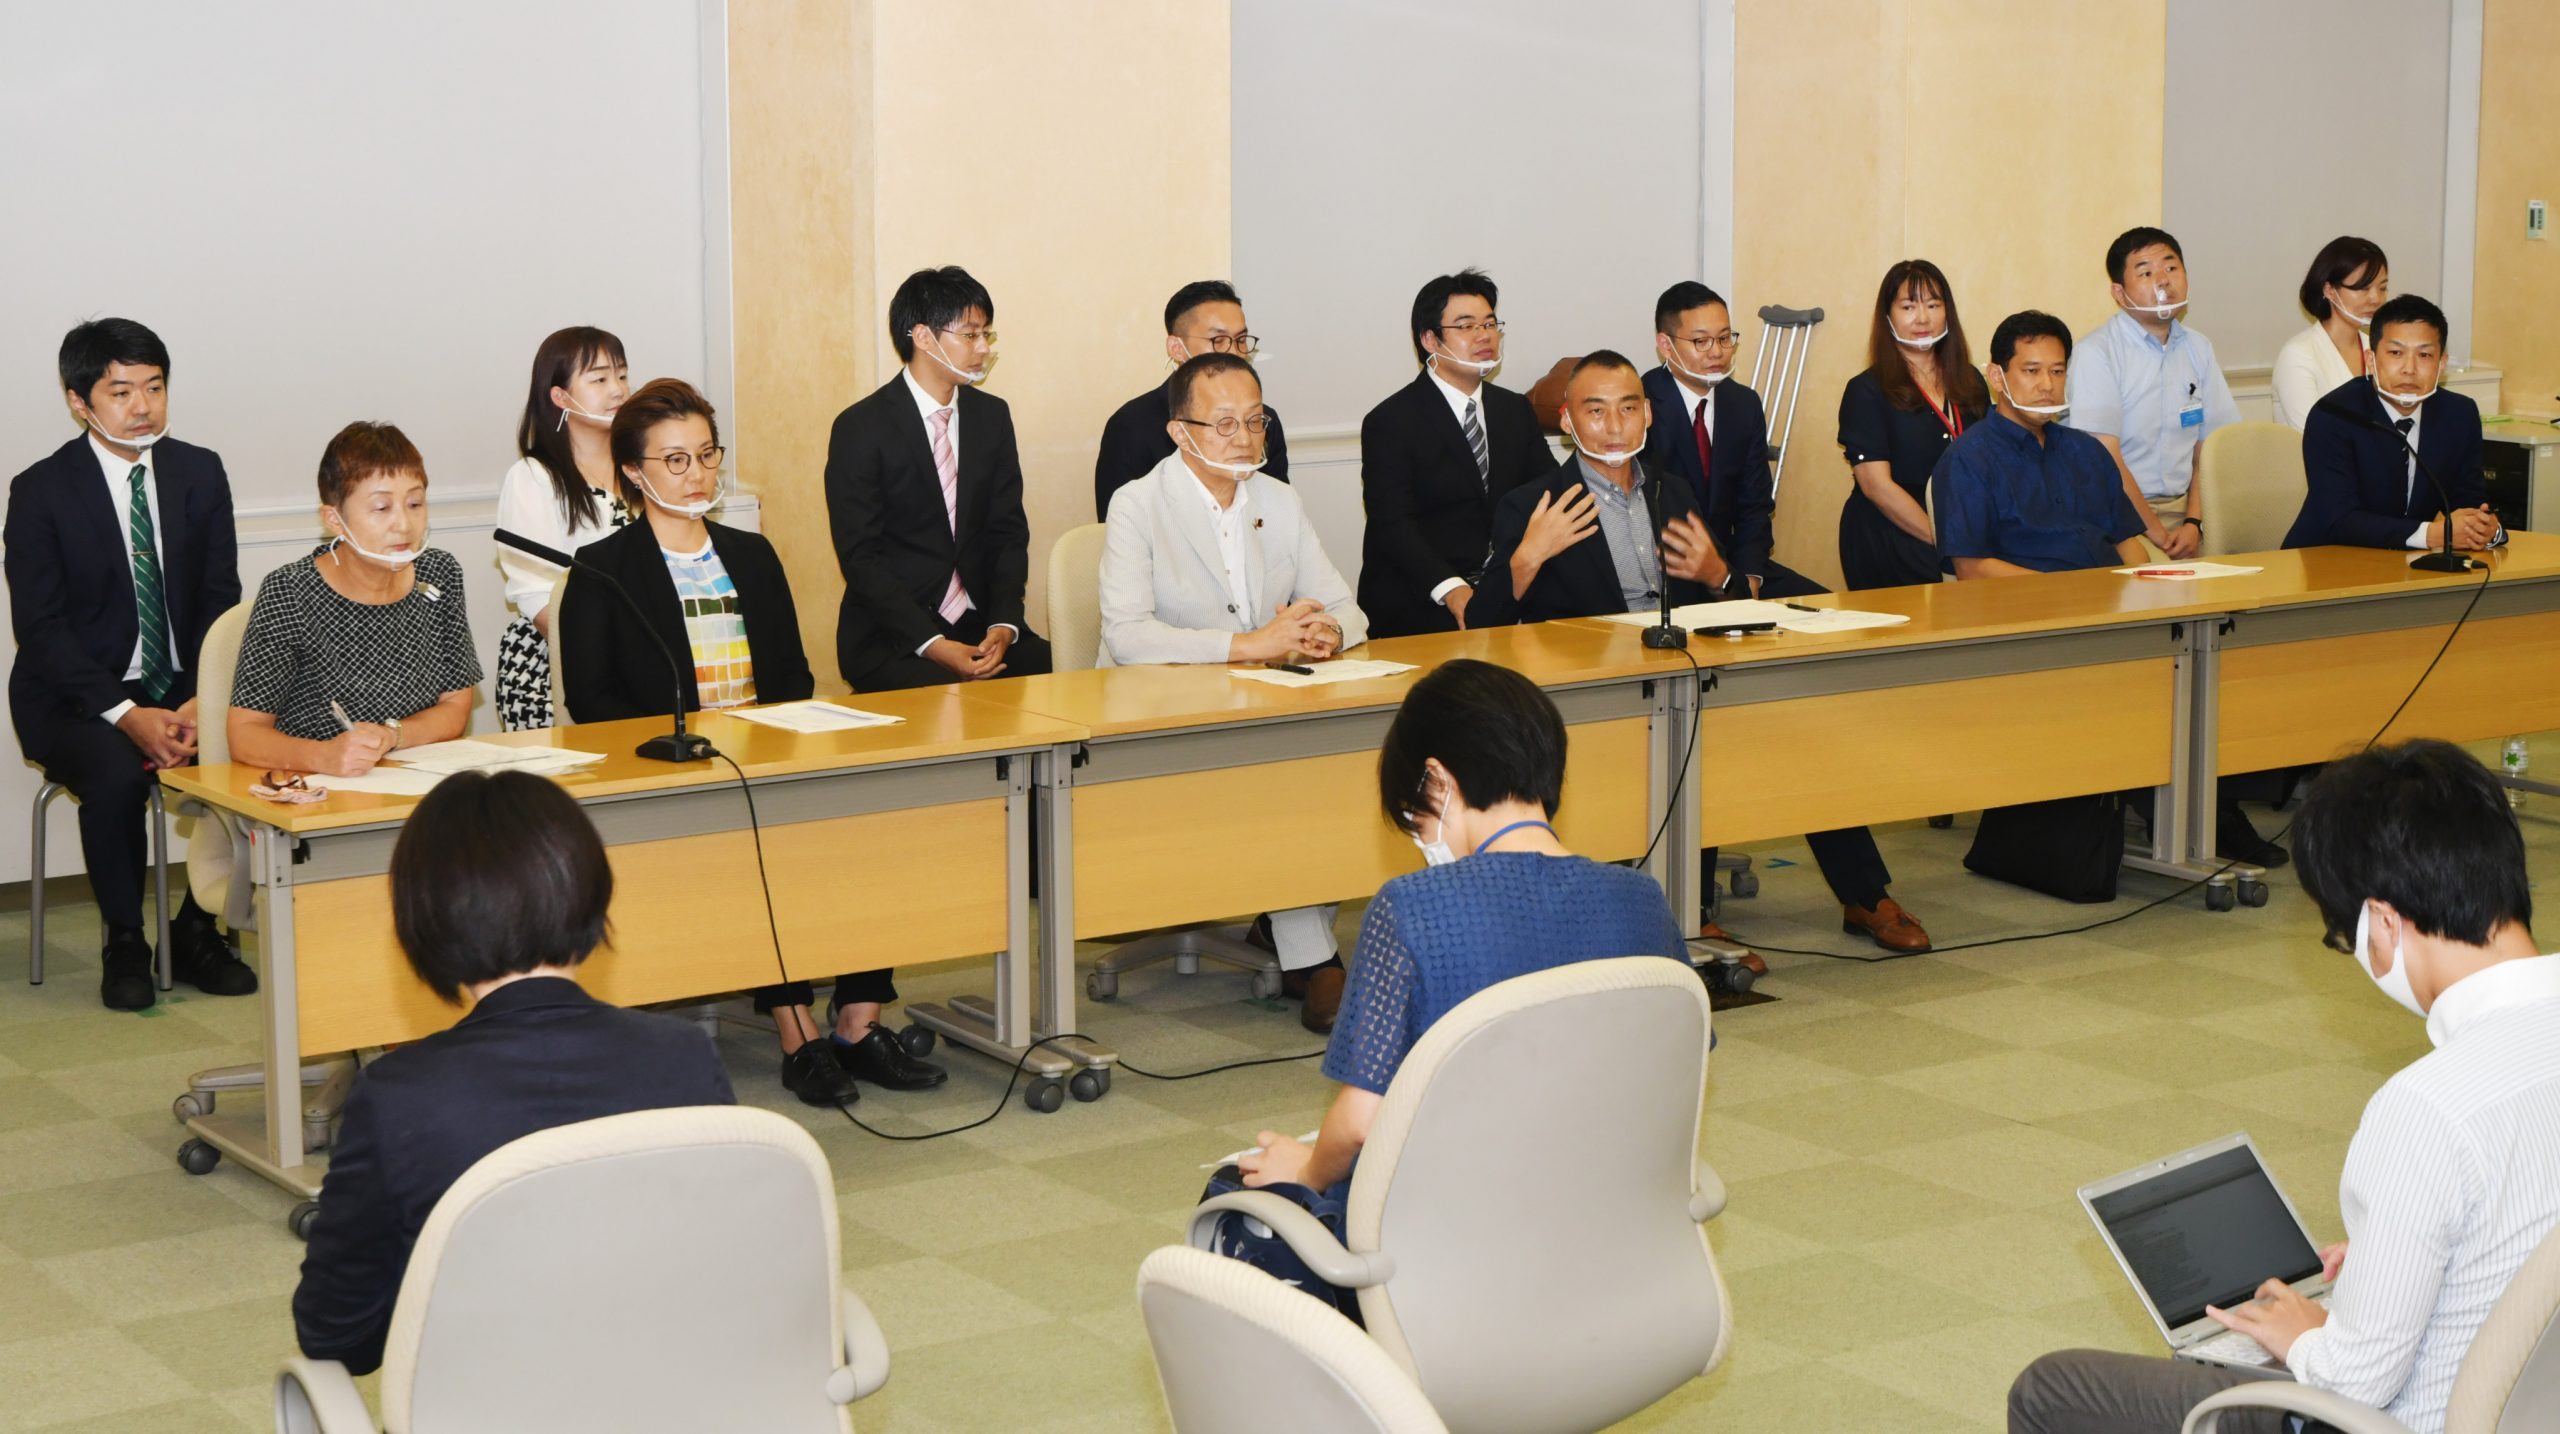 衆院選比例候補と選挙区候補がそろって臨んだ東京都委員会の記者会見=8日、東京都庁